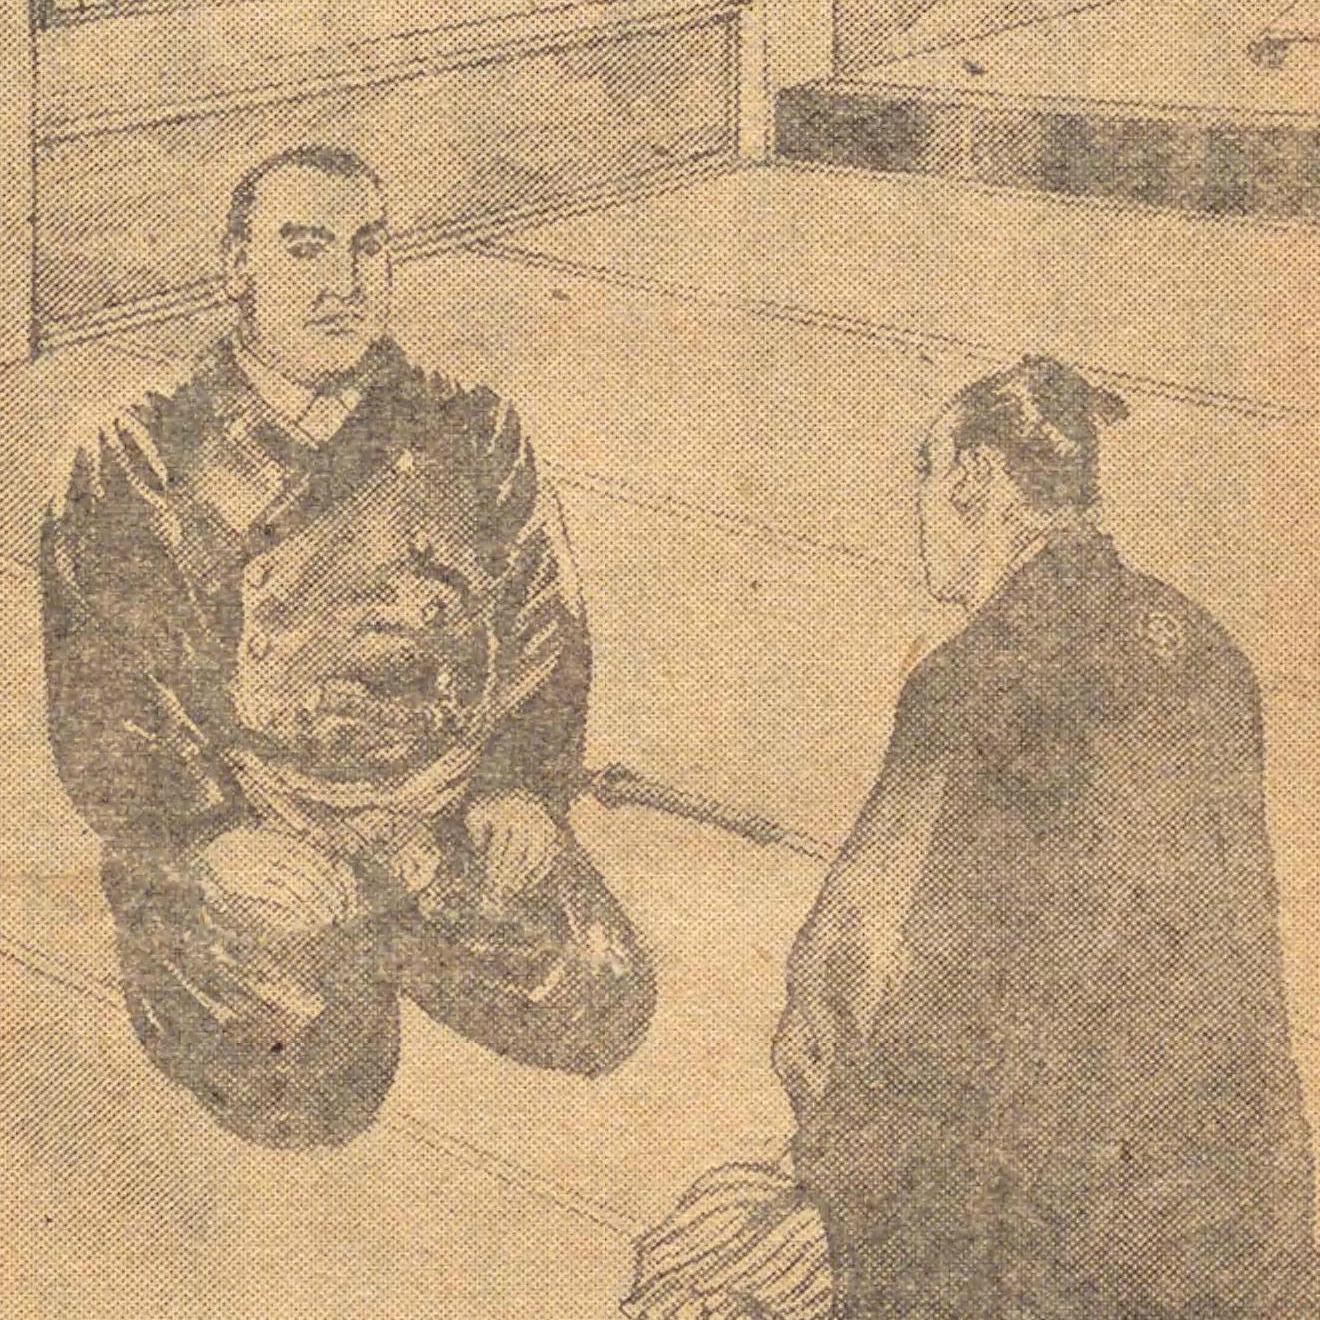 大河ドラマ「西郷どん」の主人公・西郷隆盛の魂がブレない名言